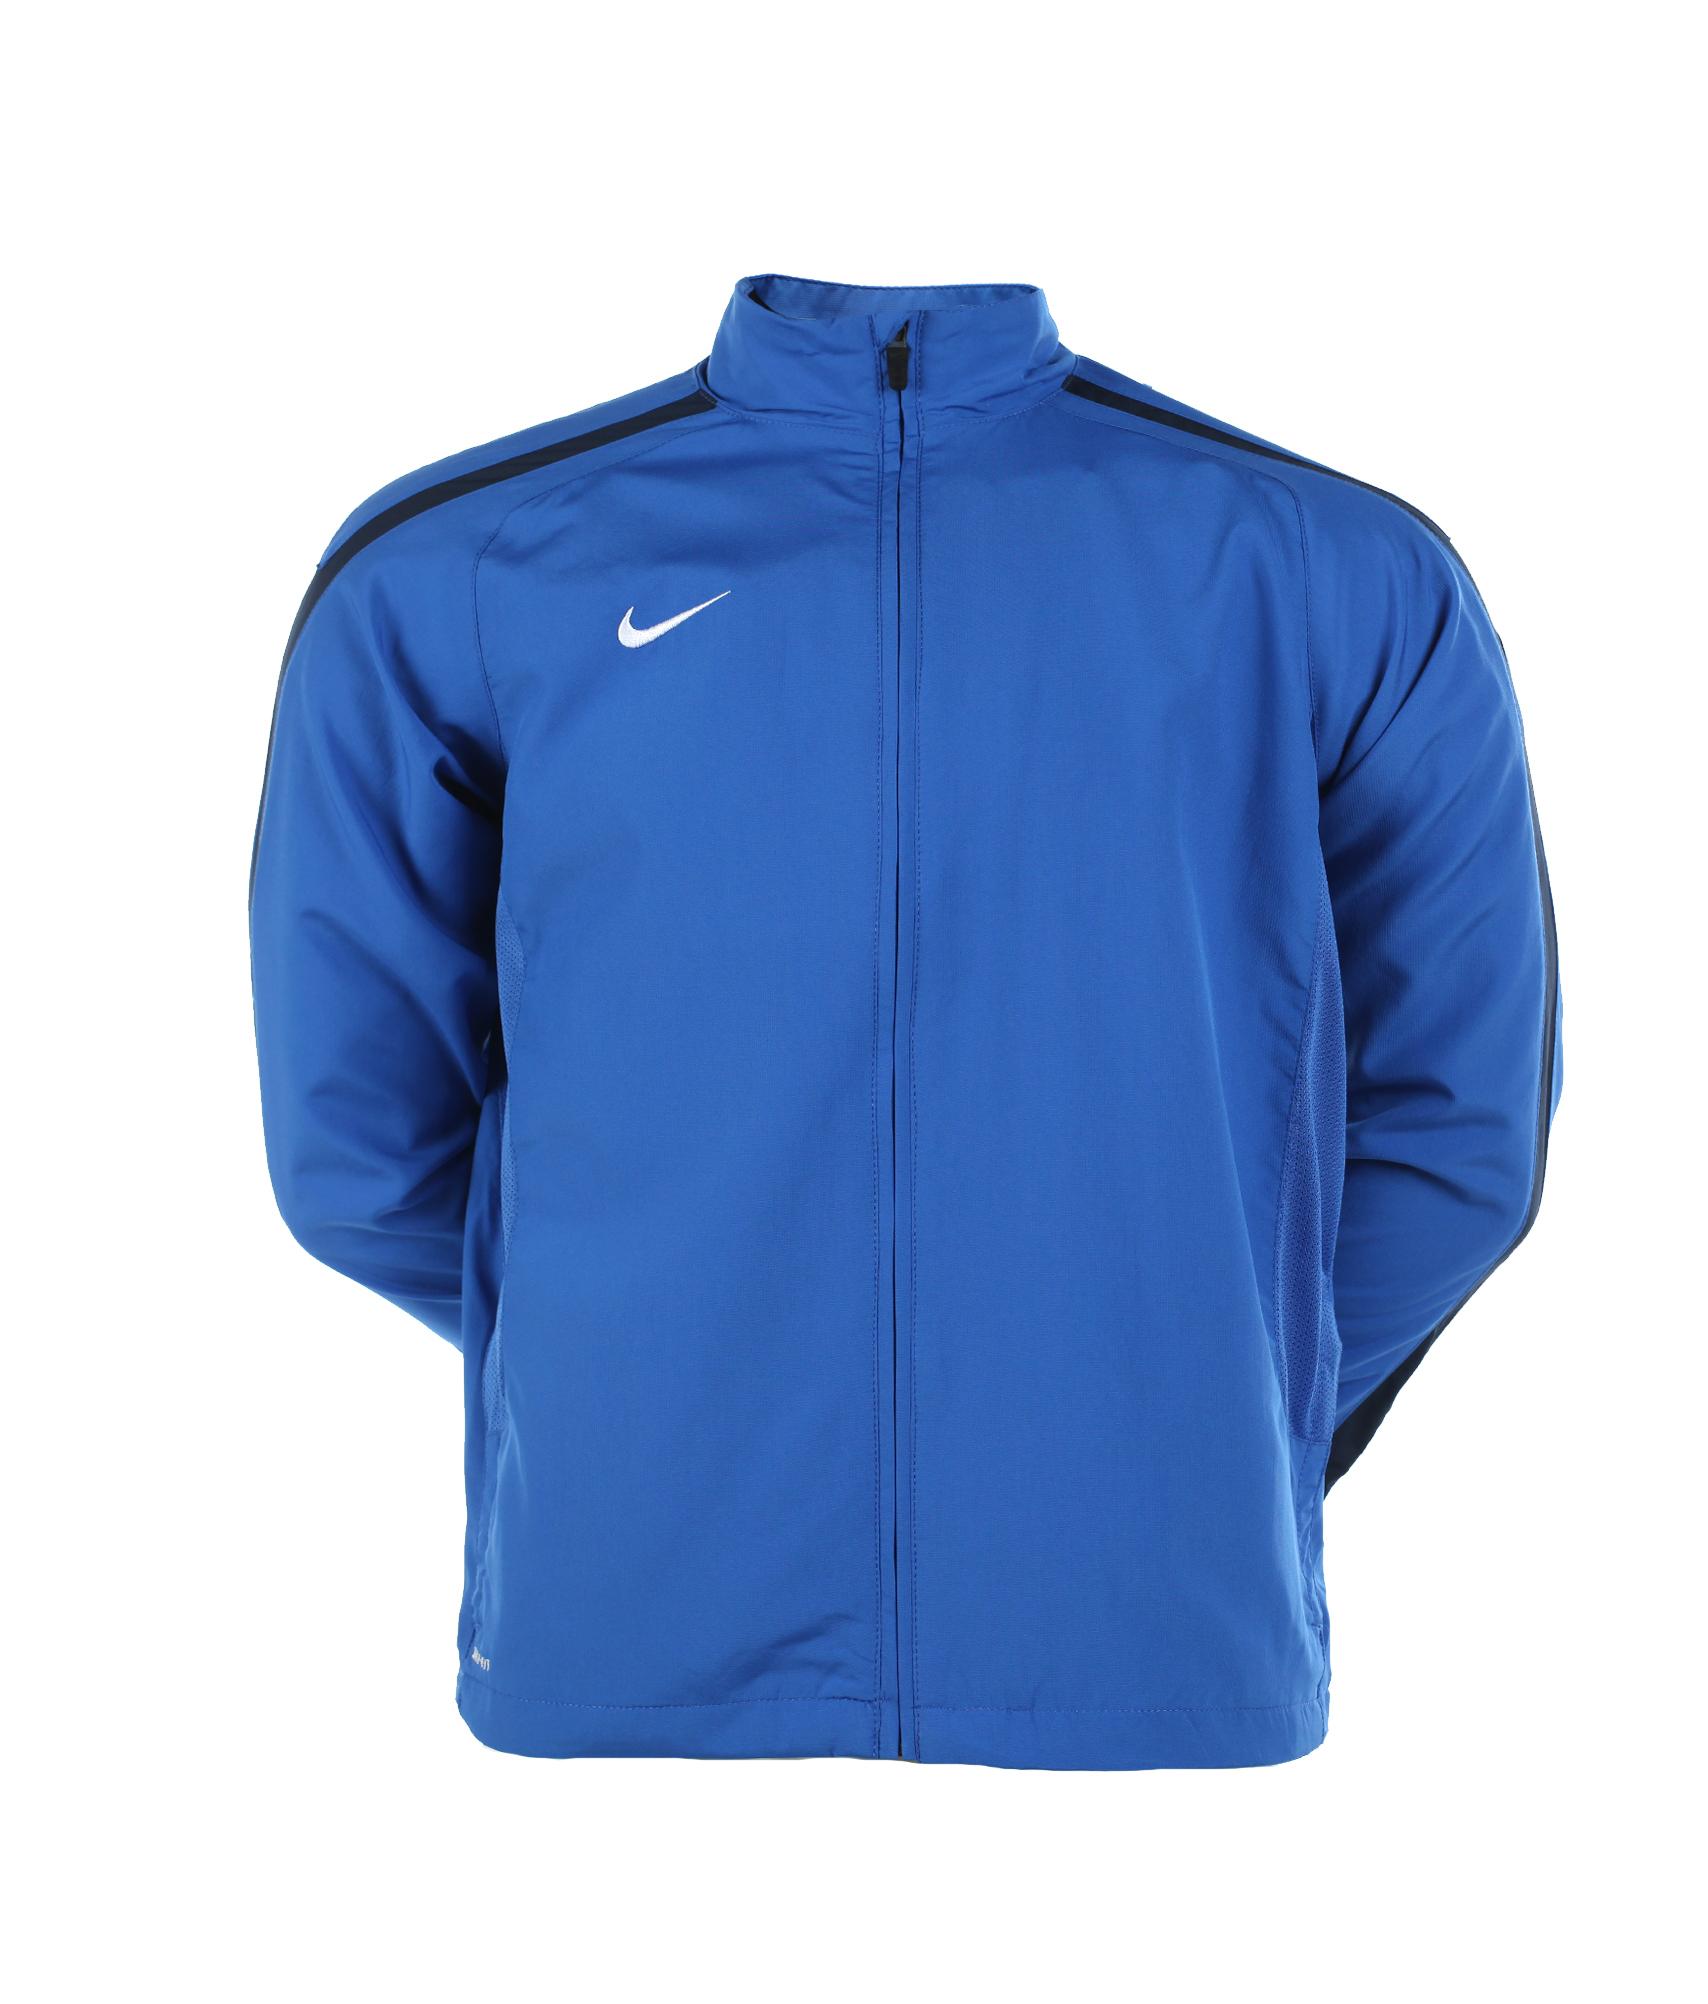 Куртка Nike BOYS COMP 11, Цвет-Синий, Размер-L